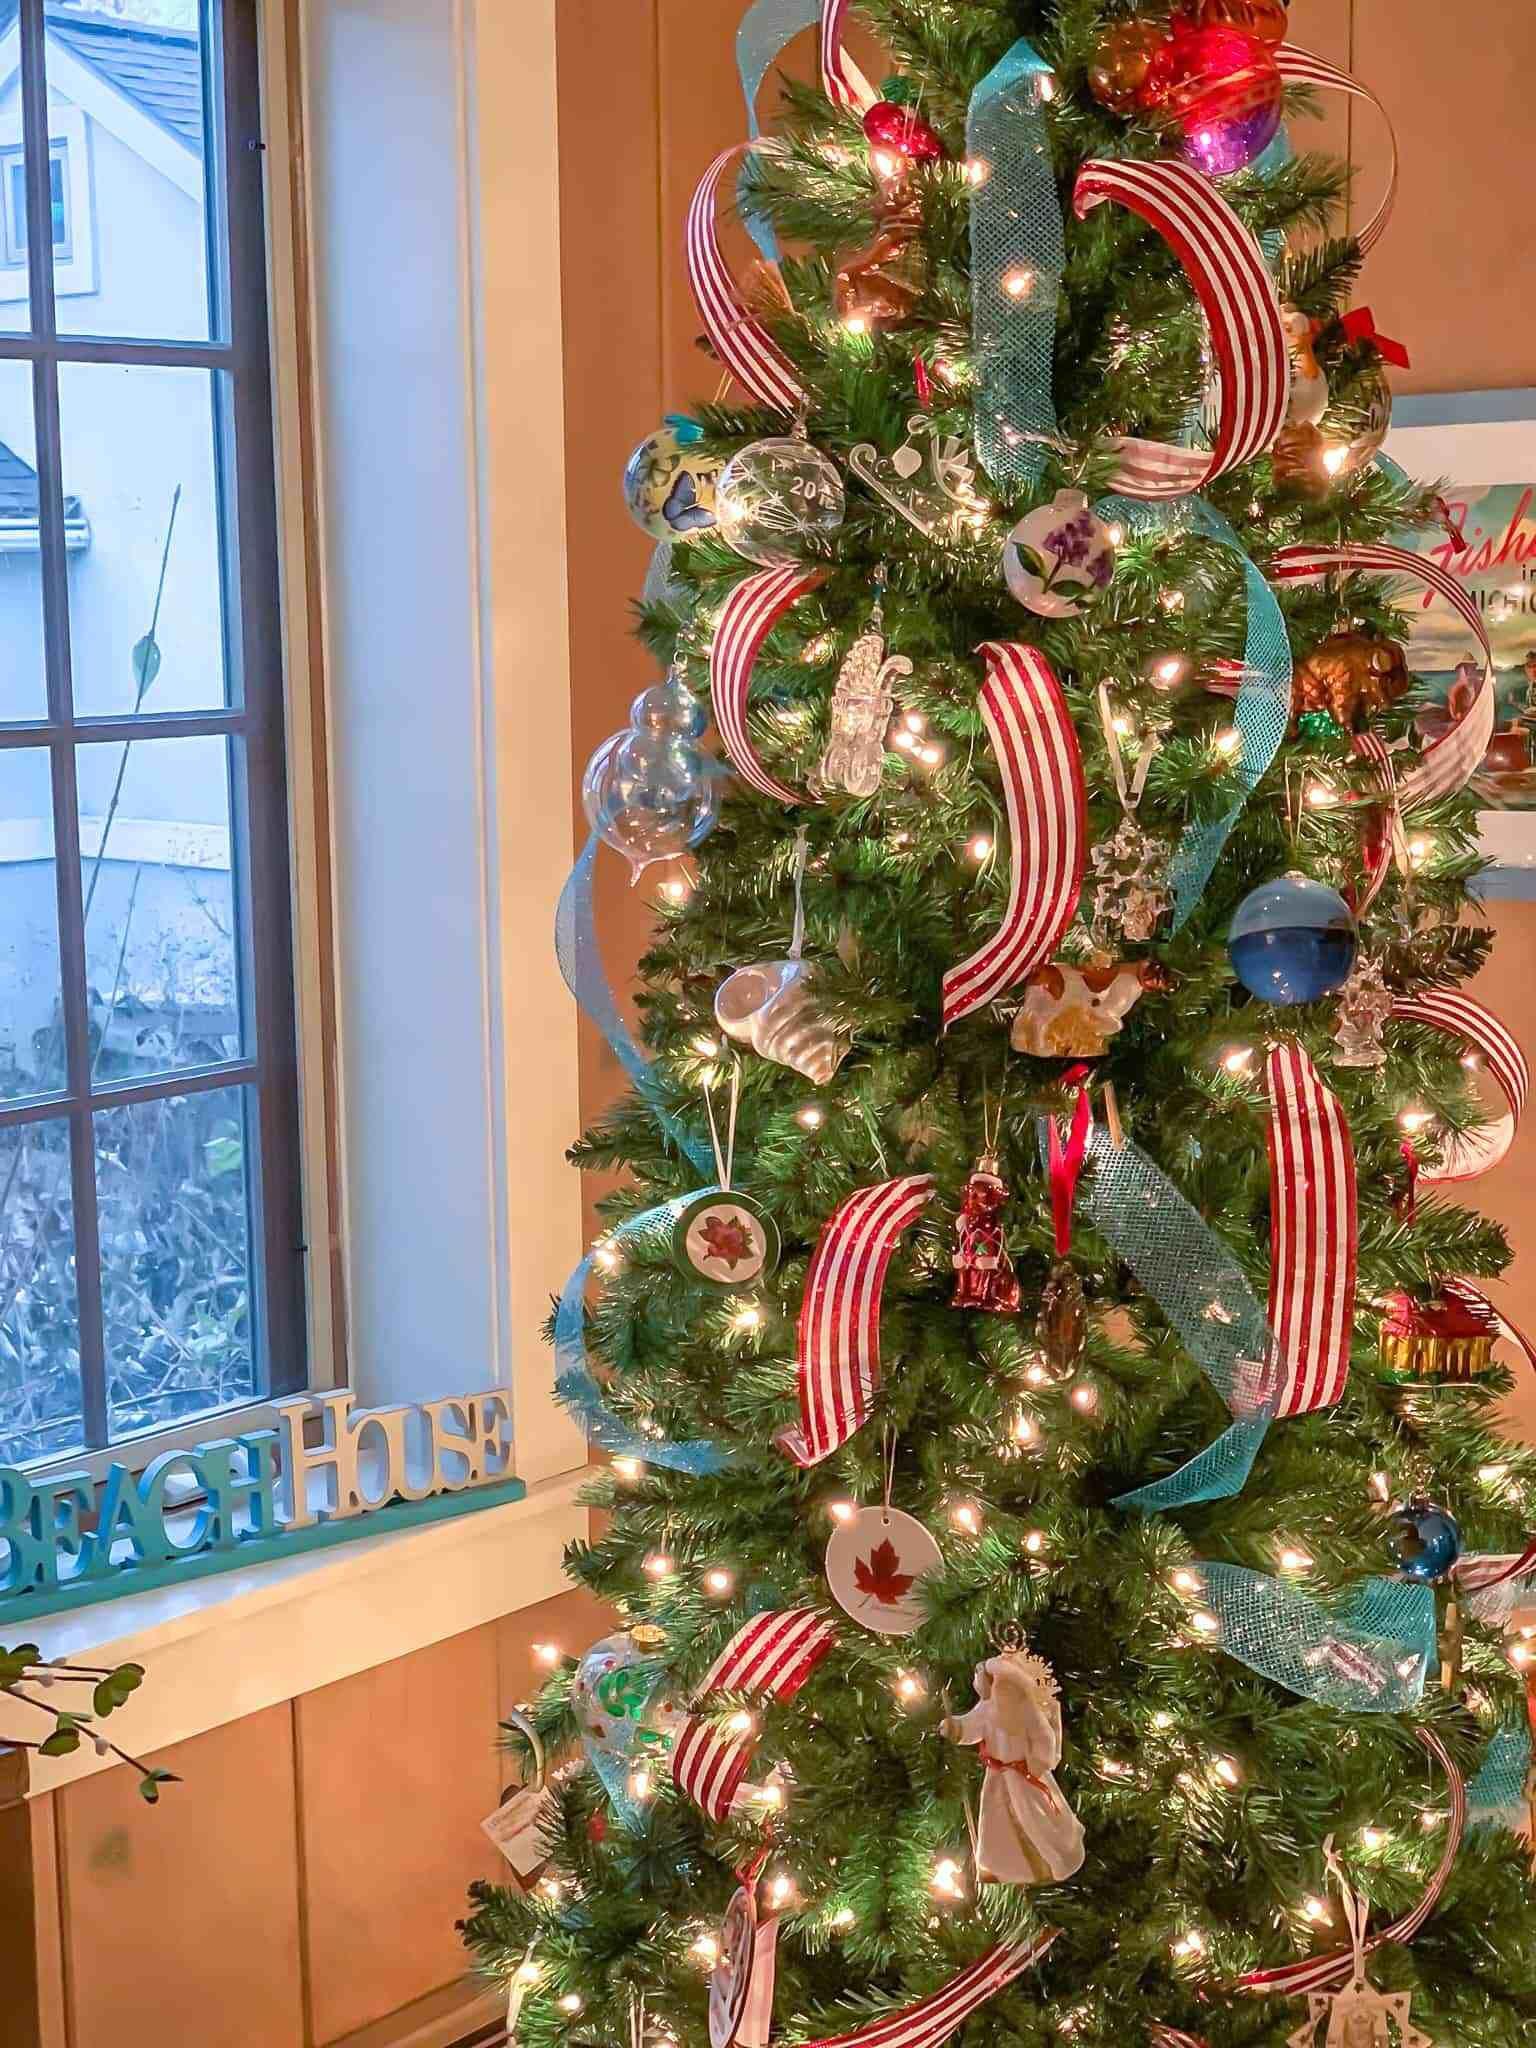 Lake Home Christmas Decor (With Images)